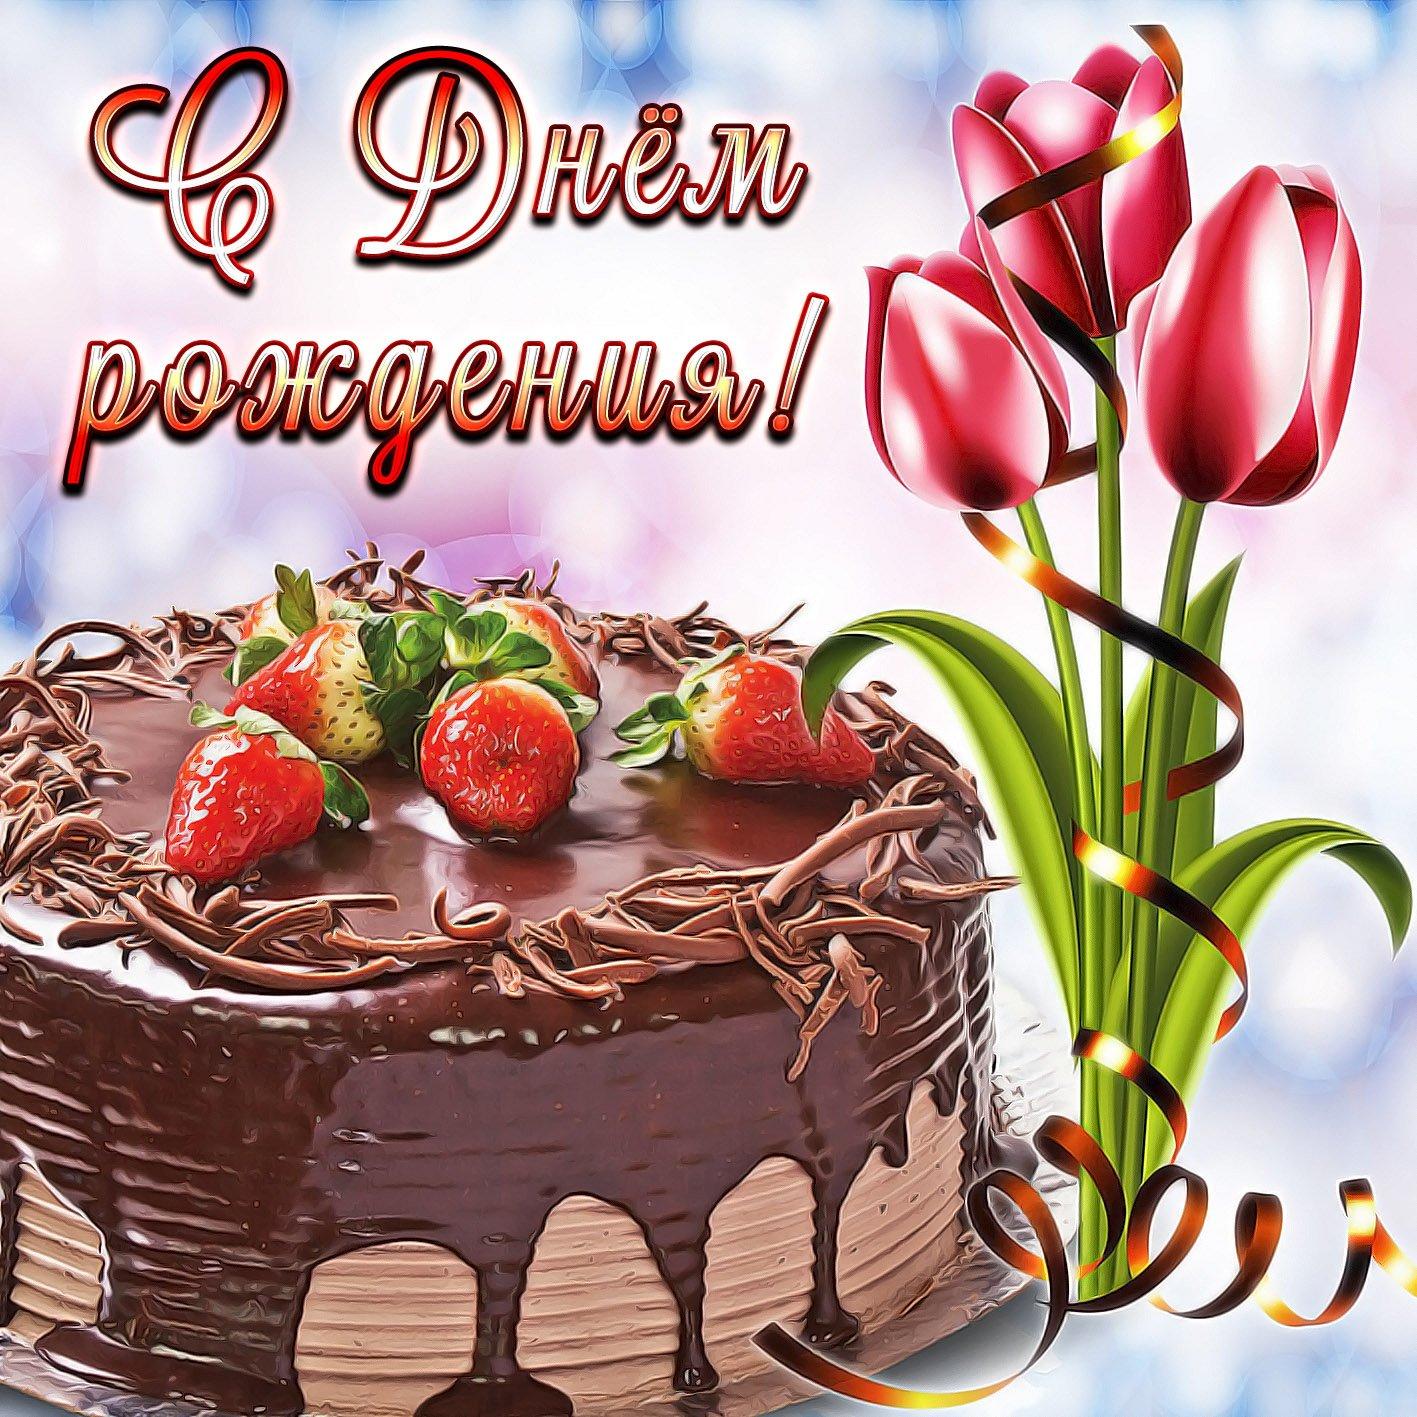 Картинки с тортами и поздравлениями, чужим фильма